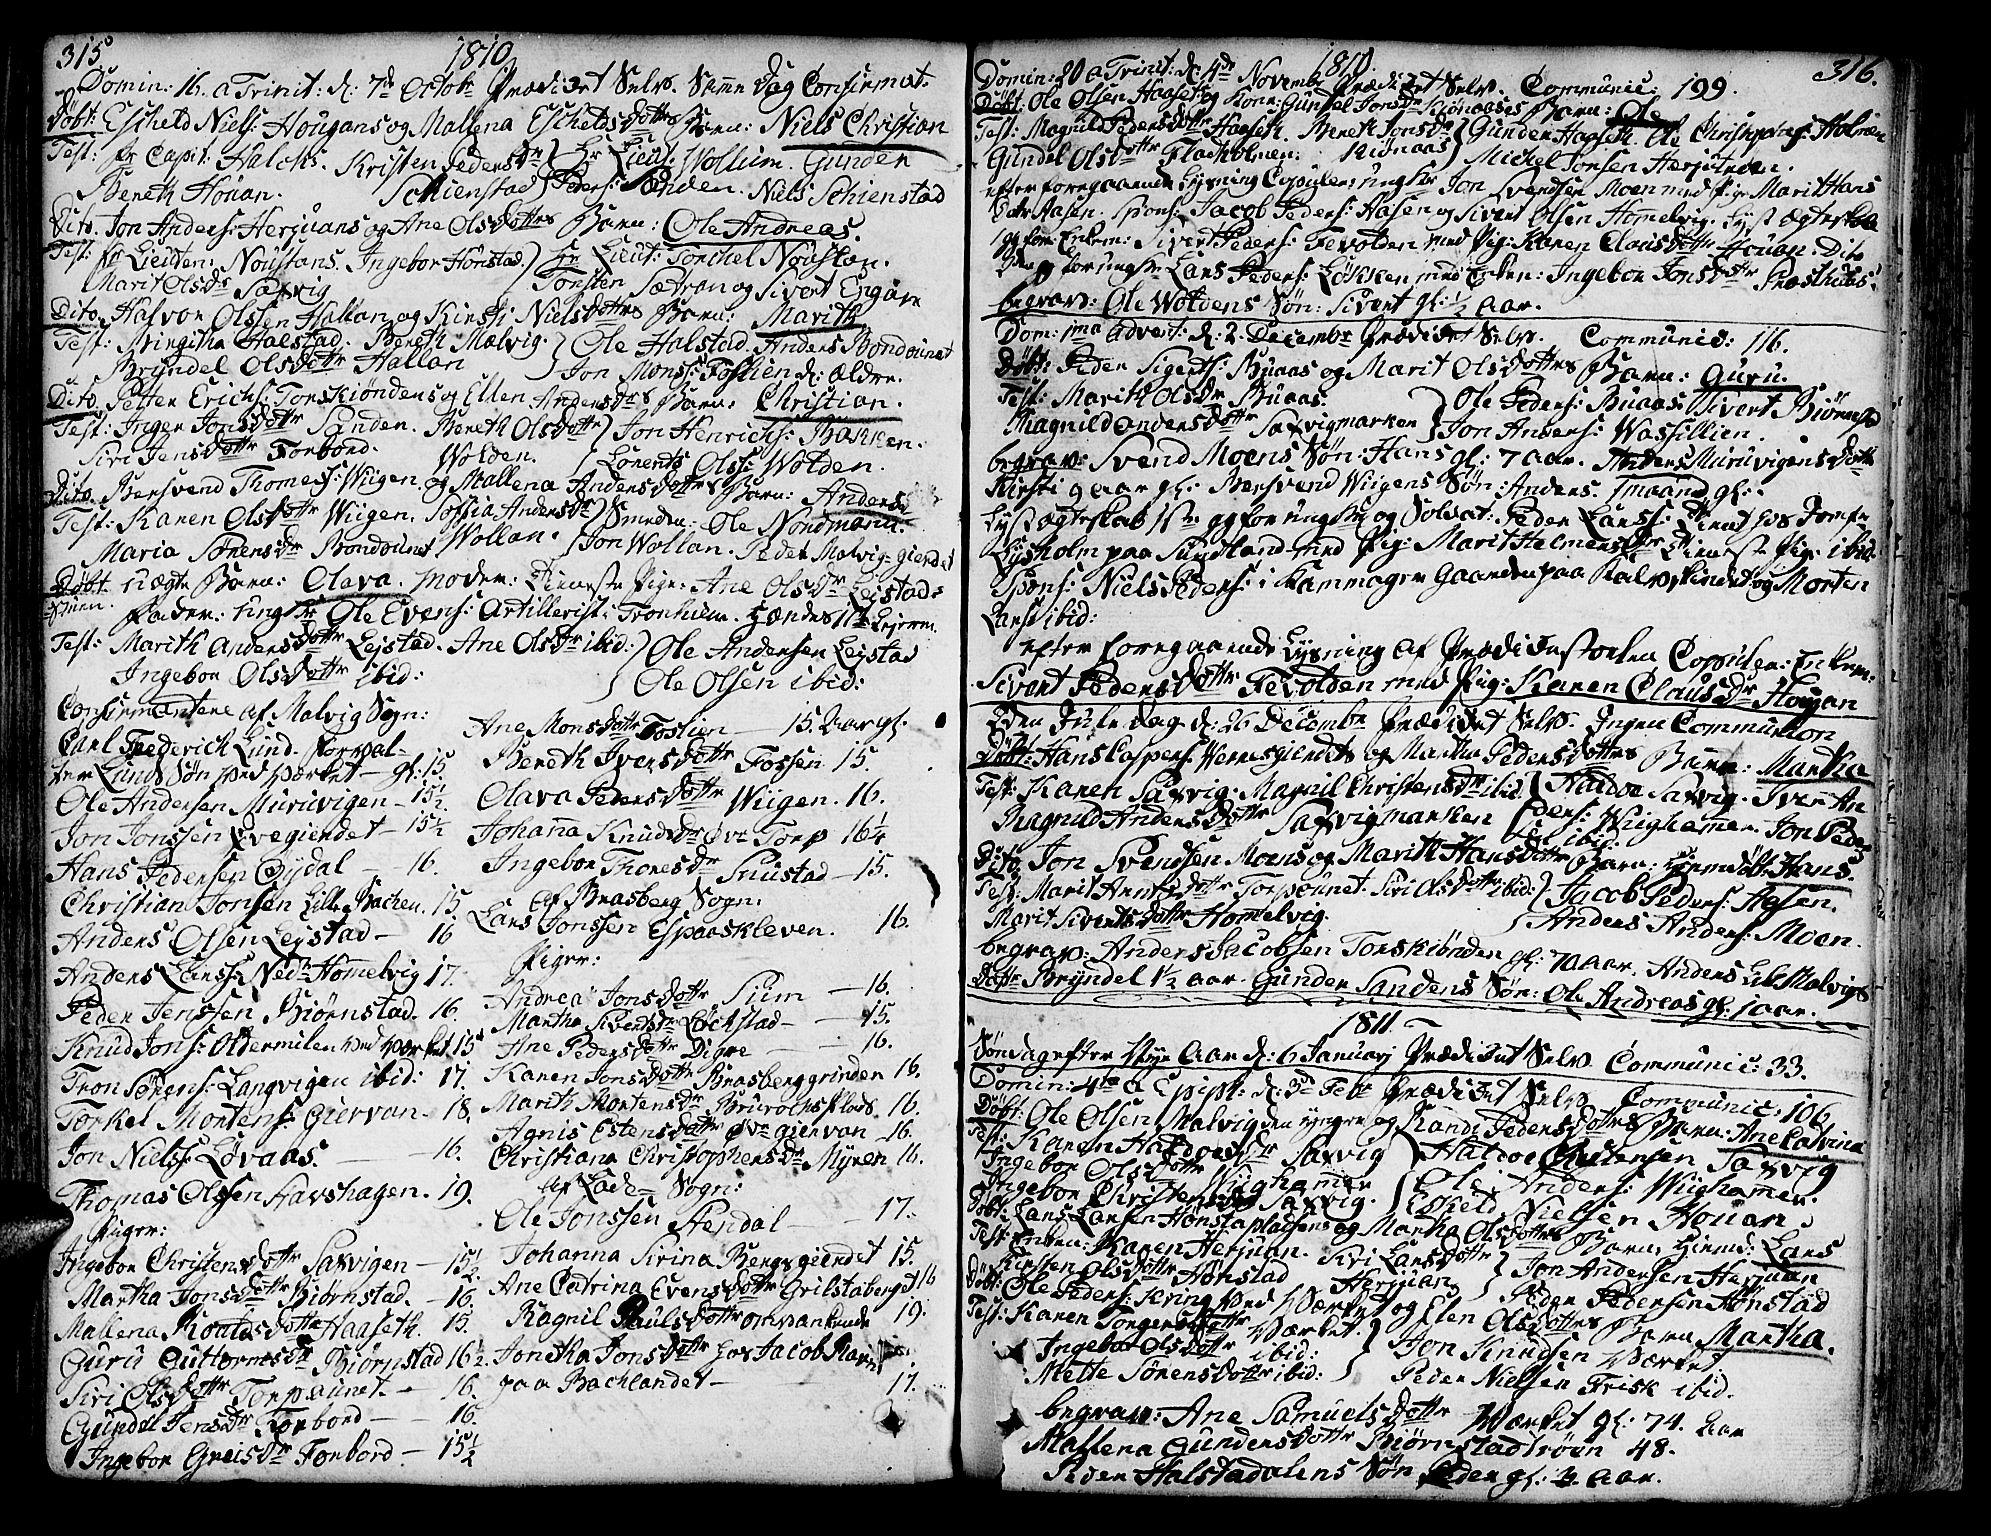 SAT, Ministerialprotokoller, klokkerbøker og fødselsregistre - Sør-Trøndelag, 606/L0281: Ministerialbok nr. 606A02 /2, 1781-1817, s. 315-316